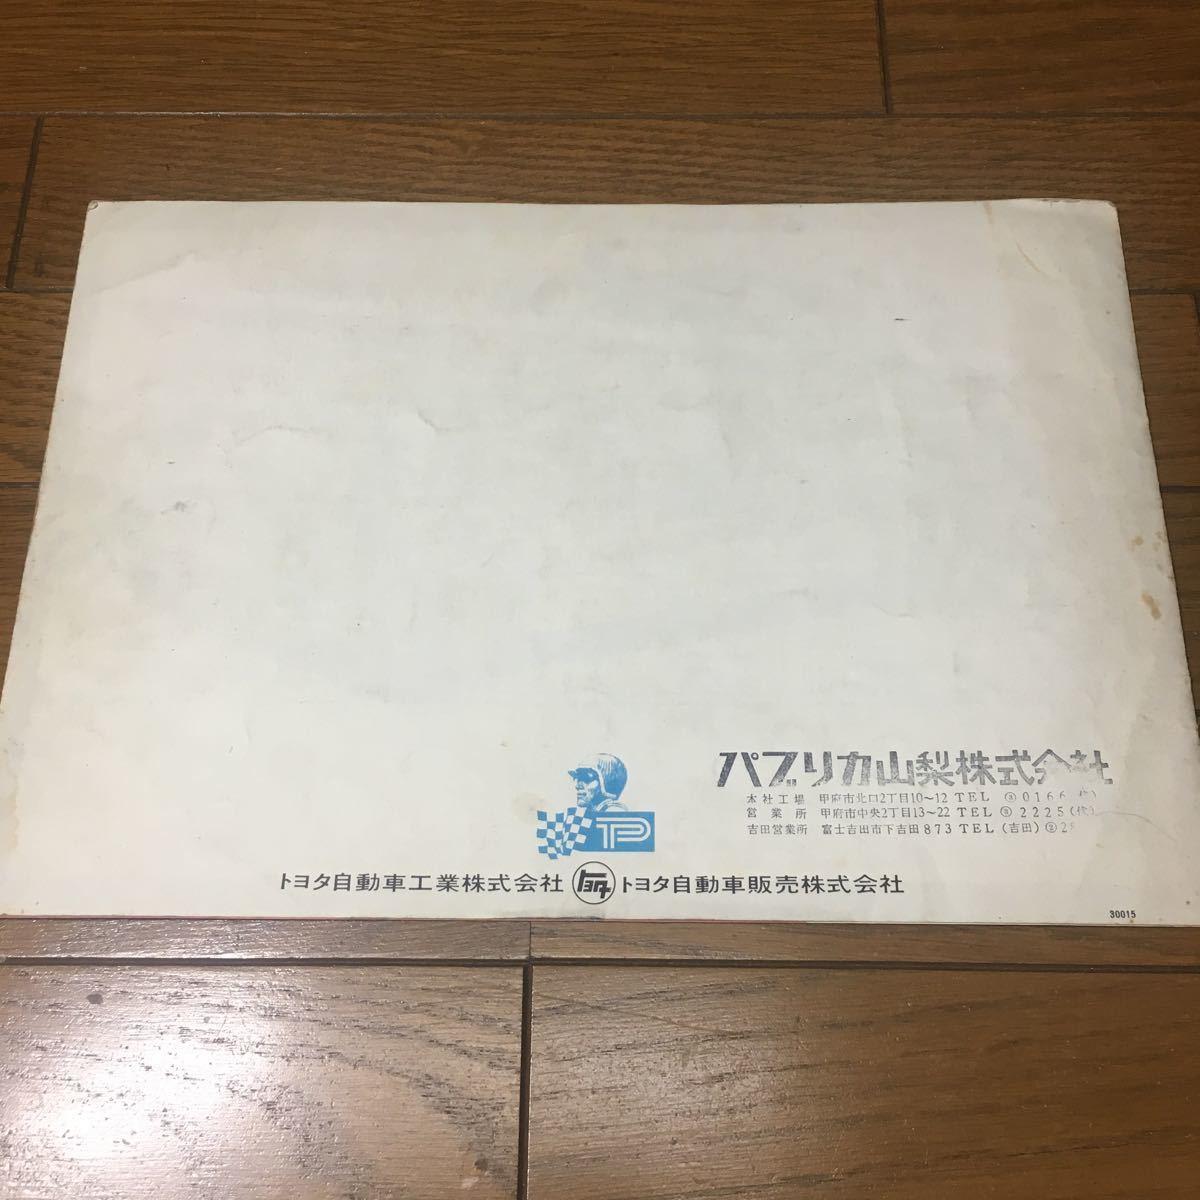 復刻版ではございません 絶版 旧車カタログ トヨタ スポーツ800 ヨタハチ 当時物 昭和 希少 貴重 美品_画像9